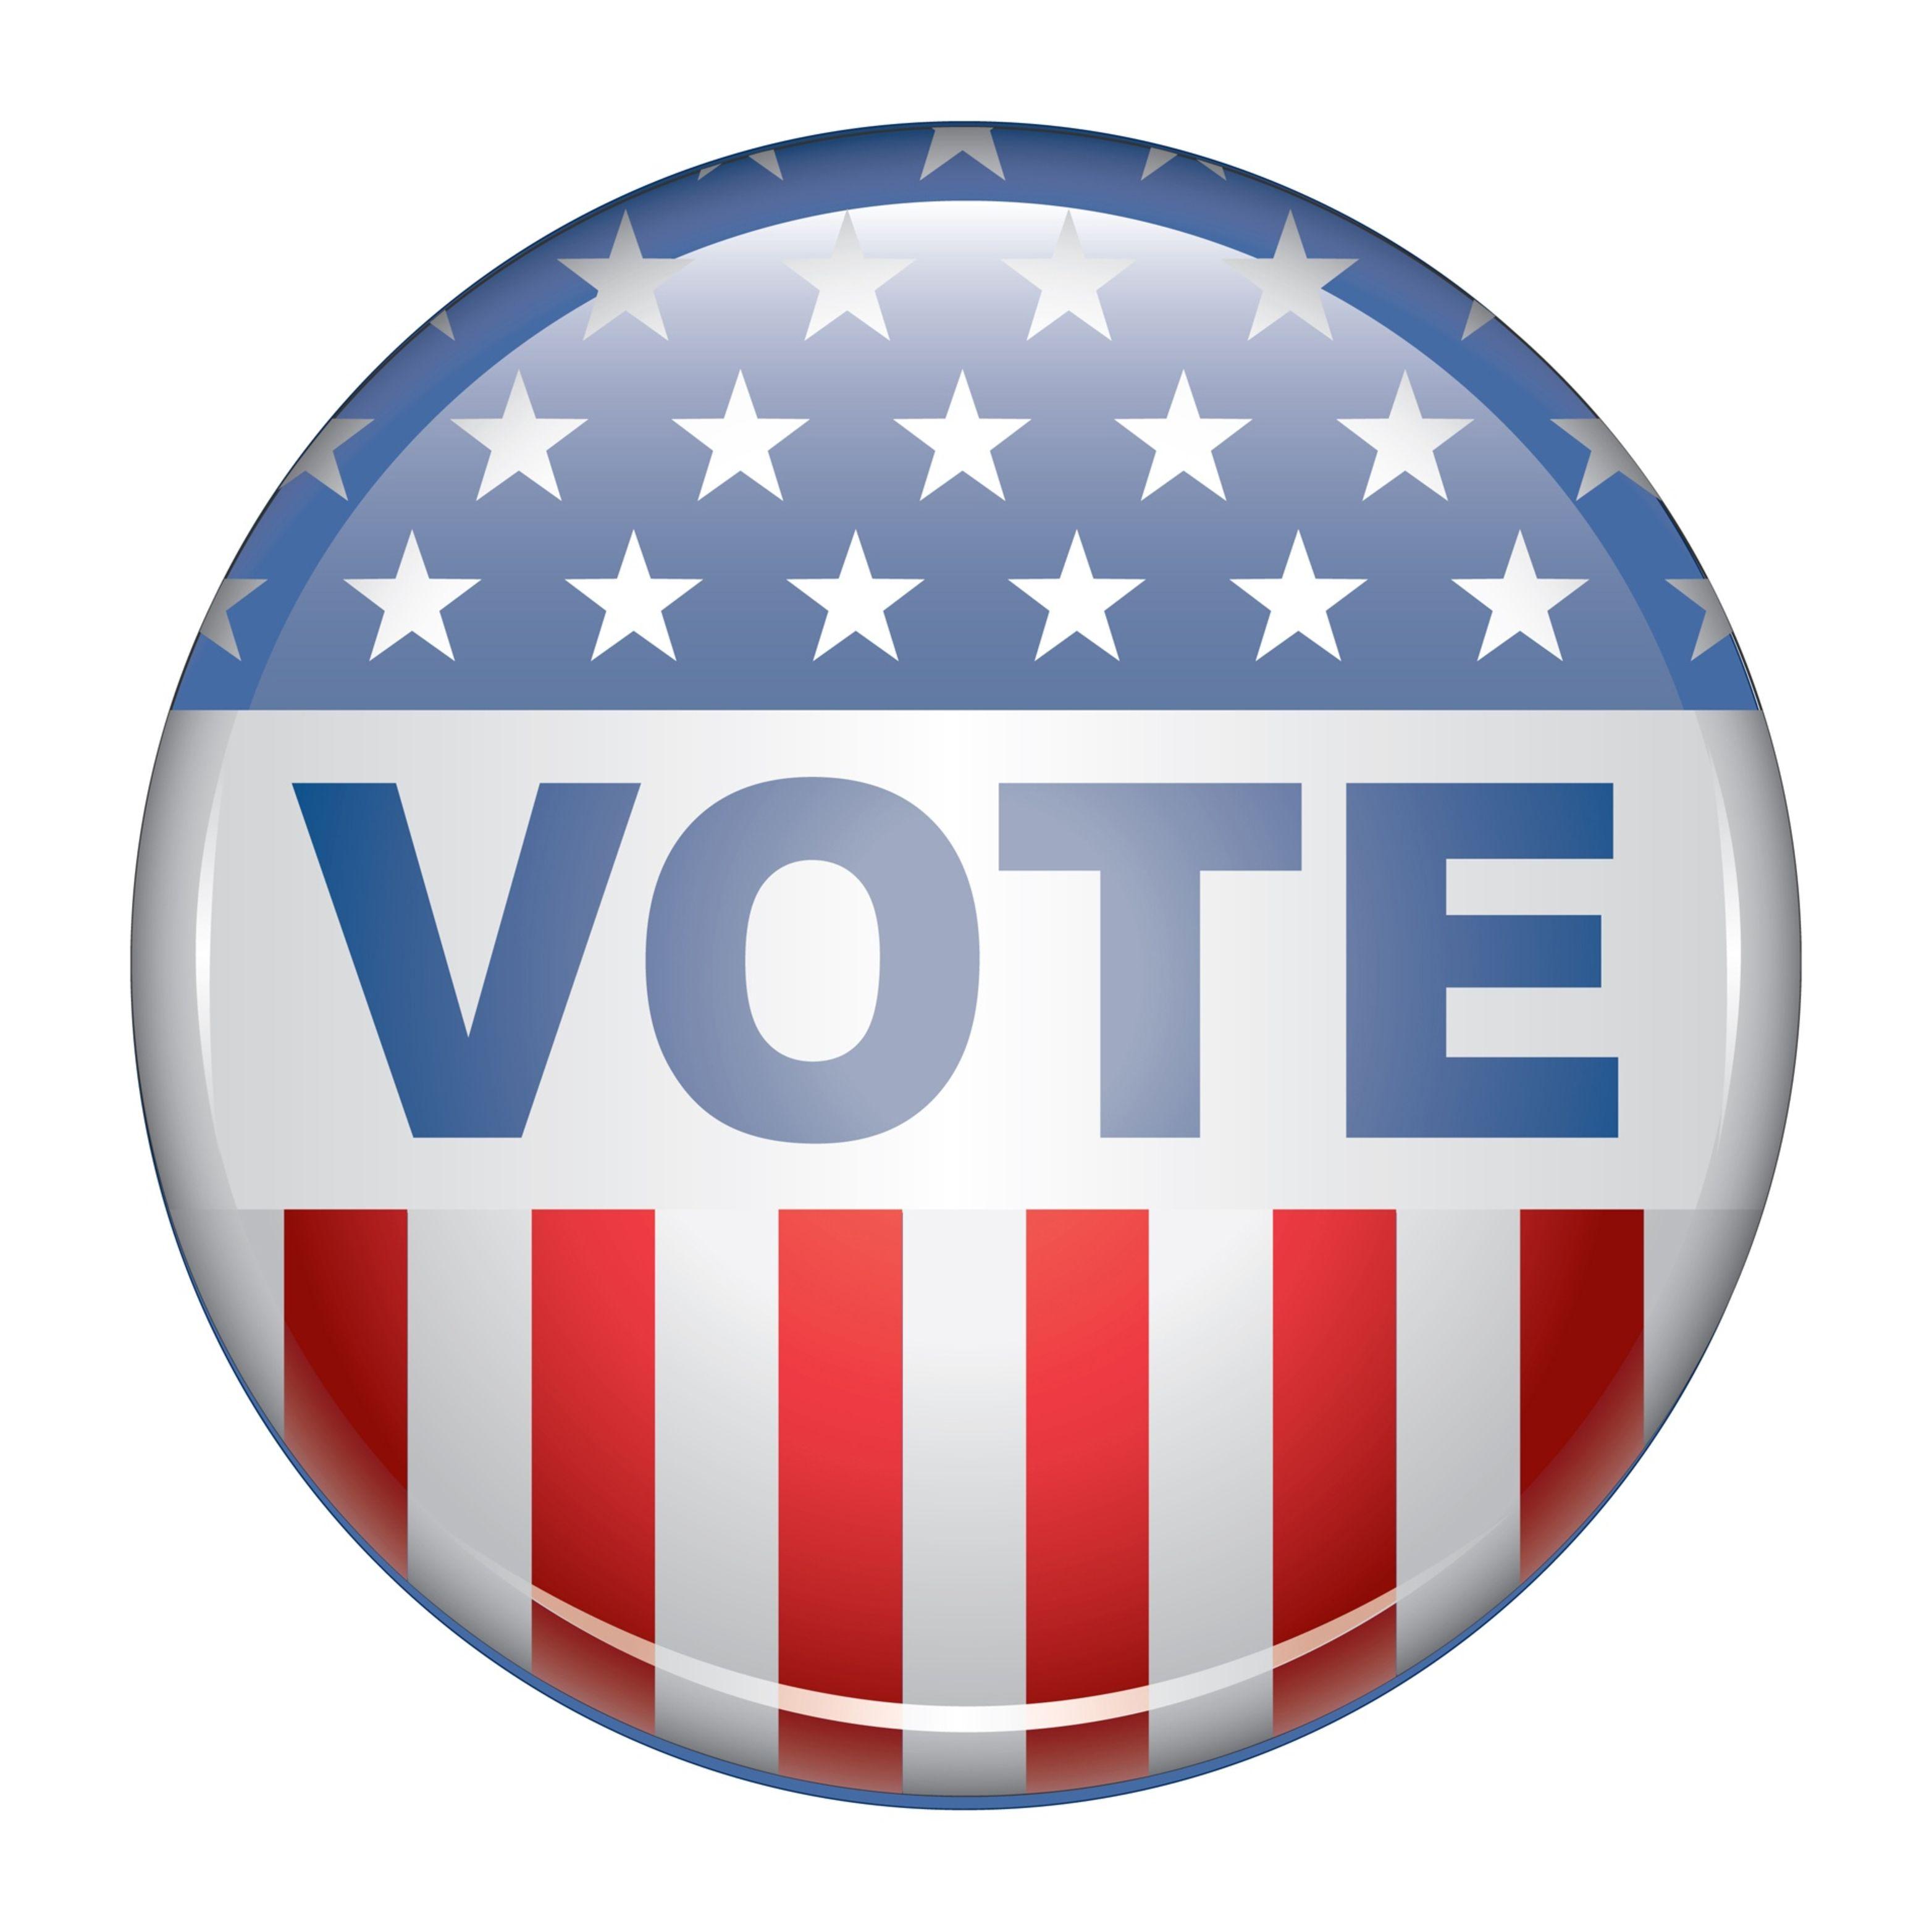 vote button_11139426_xl